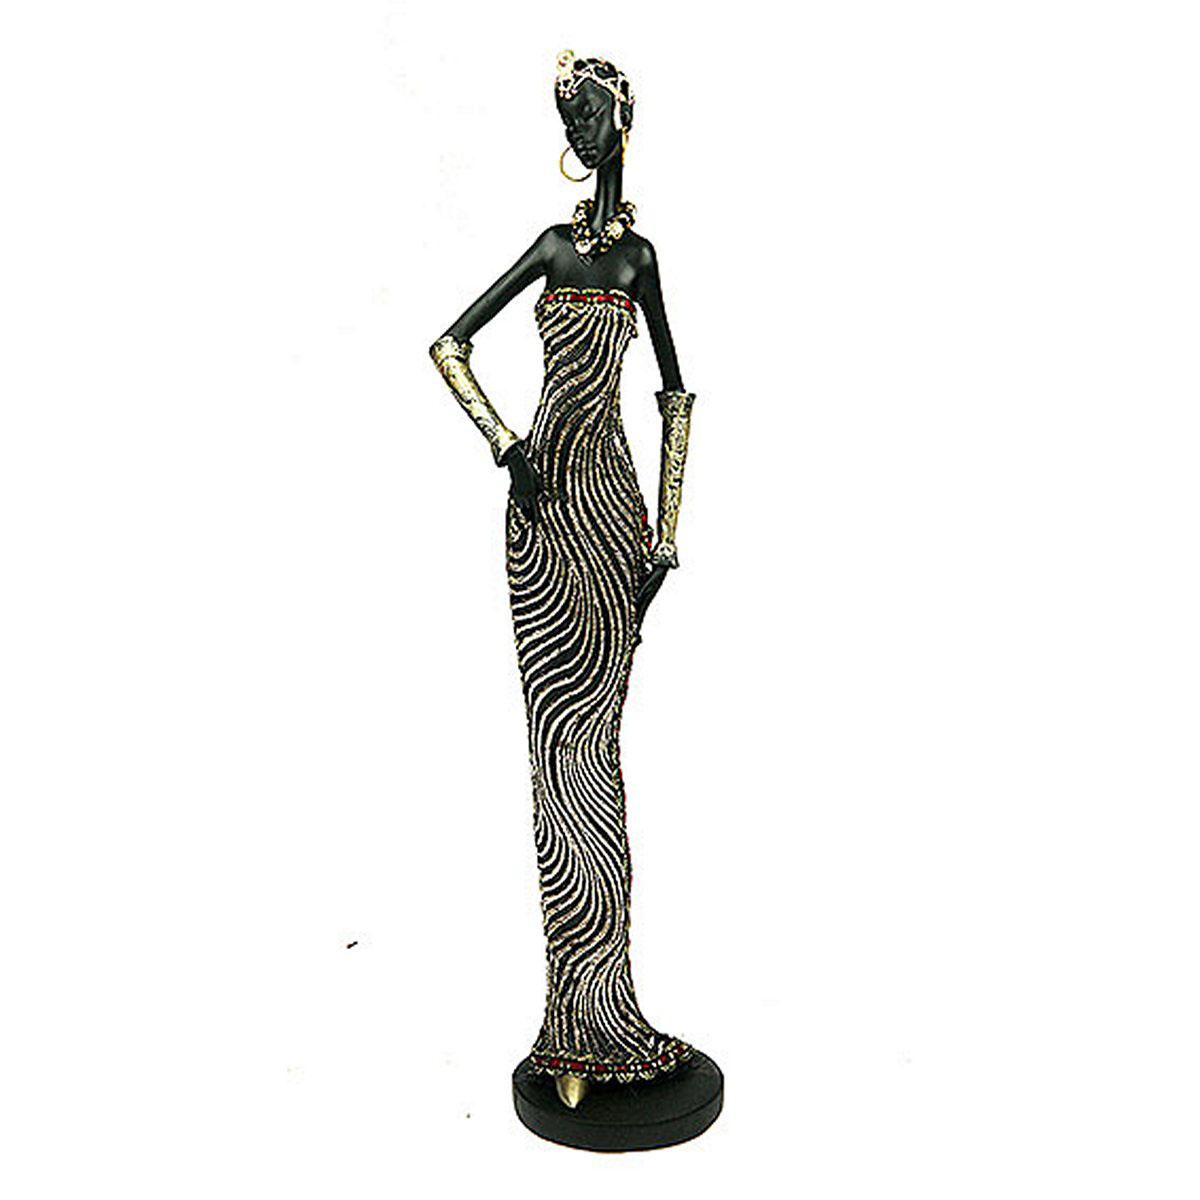 Статуэтка Русские Подарки Африканка, 7 х 8 х 32 смUP210DFСтатуэтка Русские Подарки Африканка, изготовленная из полистоуна, имеет изысканный внешний вид. Изделие станет прекрасным украшением интерьера гостиной, офиса или дома. Вы можете поставить статуэтку в любое место, где она будет удачно смотреться и радовать глаз. Правила ухода: регулярно вытирать пыль сухой, мягкой тканью.